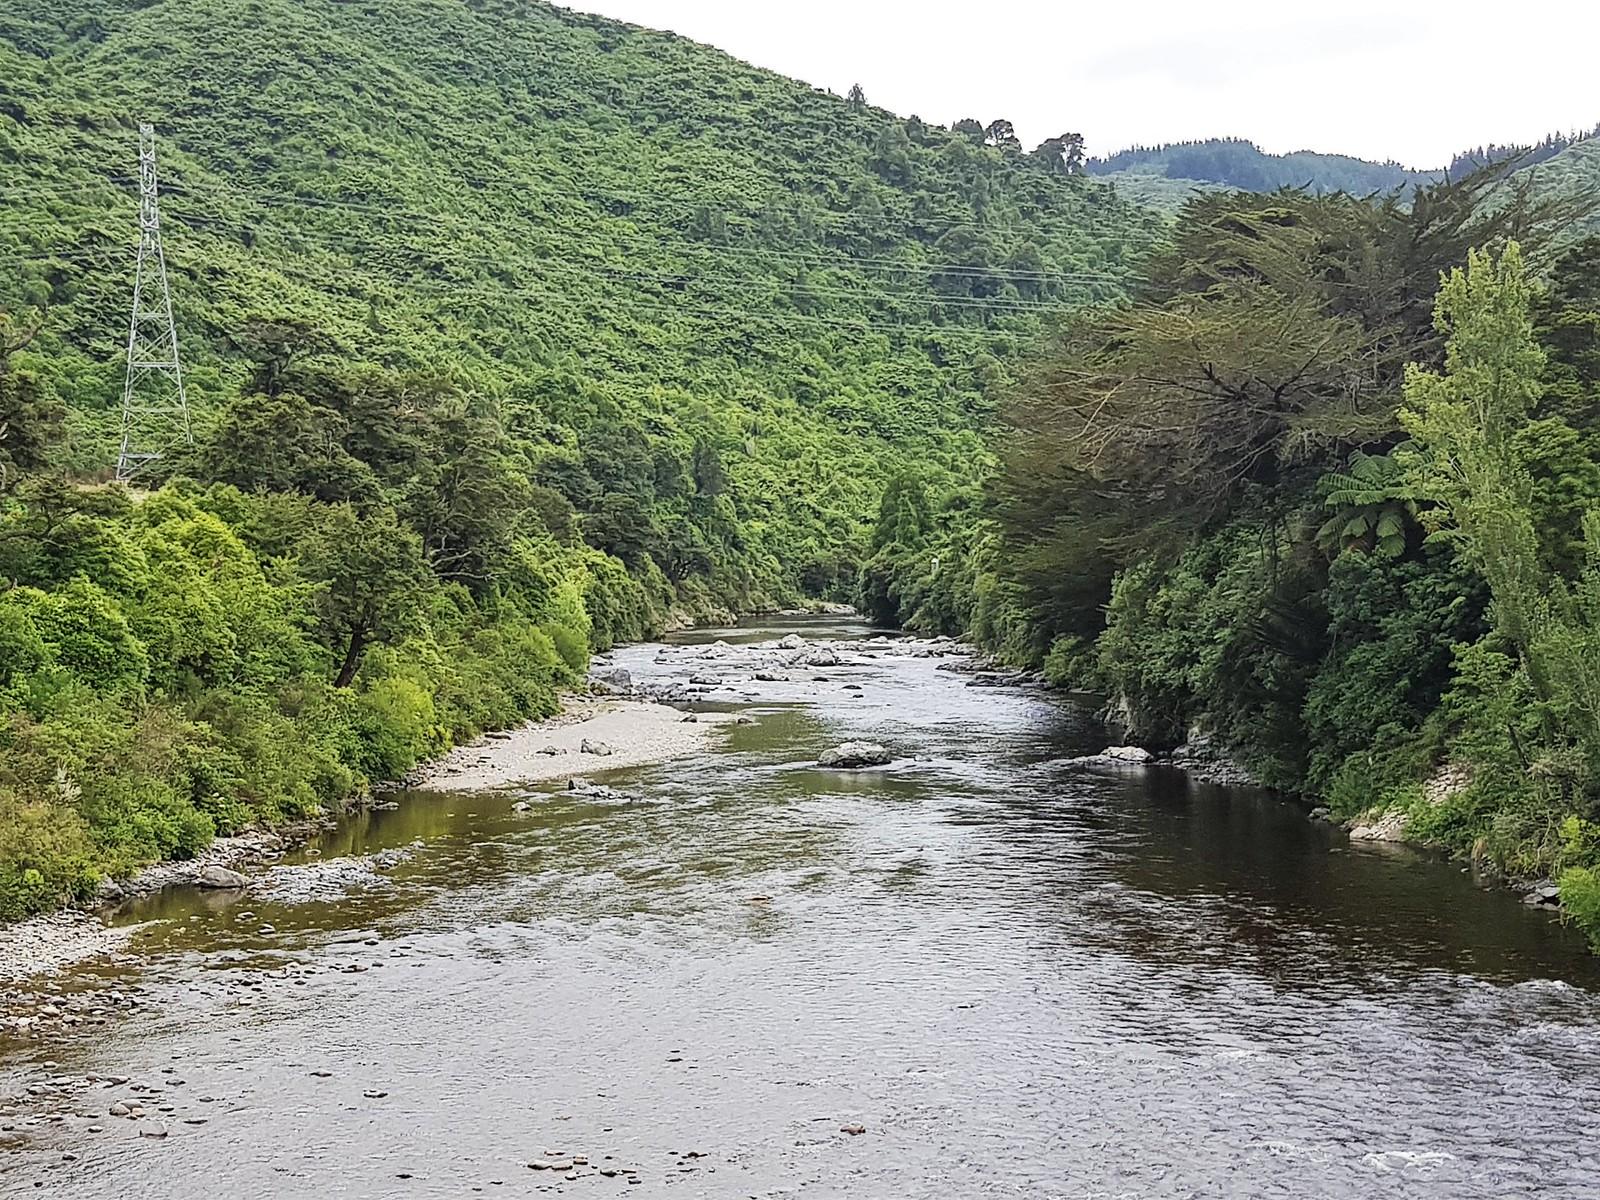 20181229_143252 (Big river)